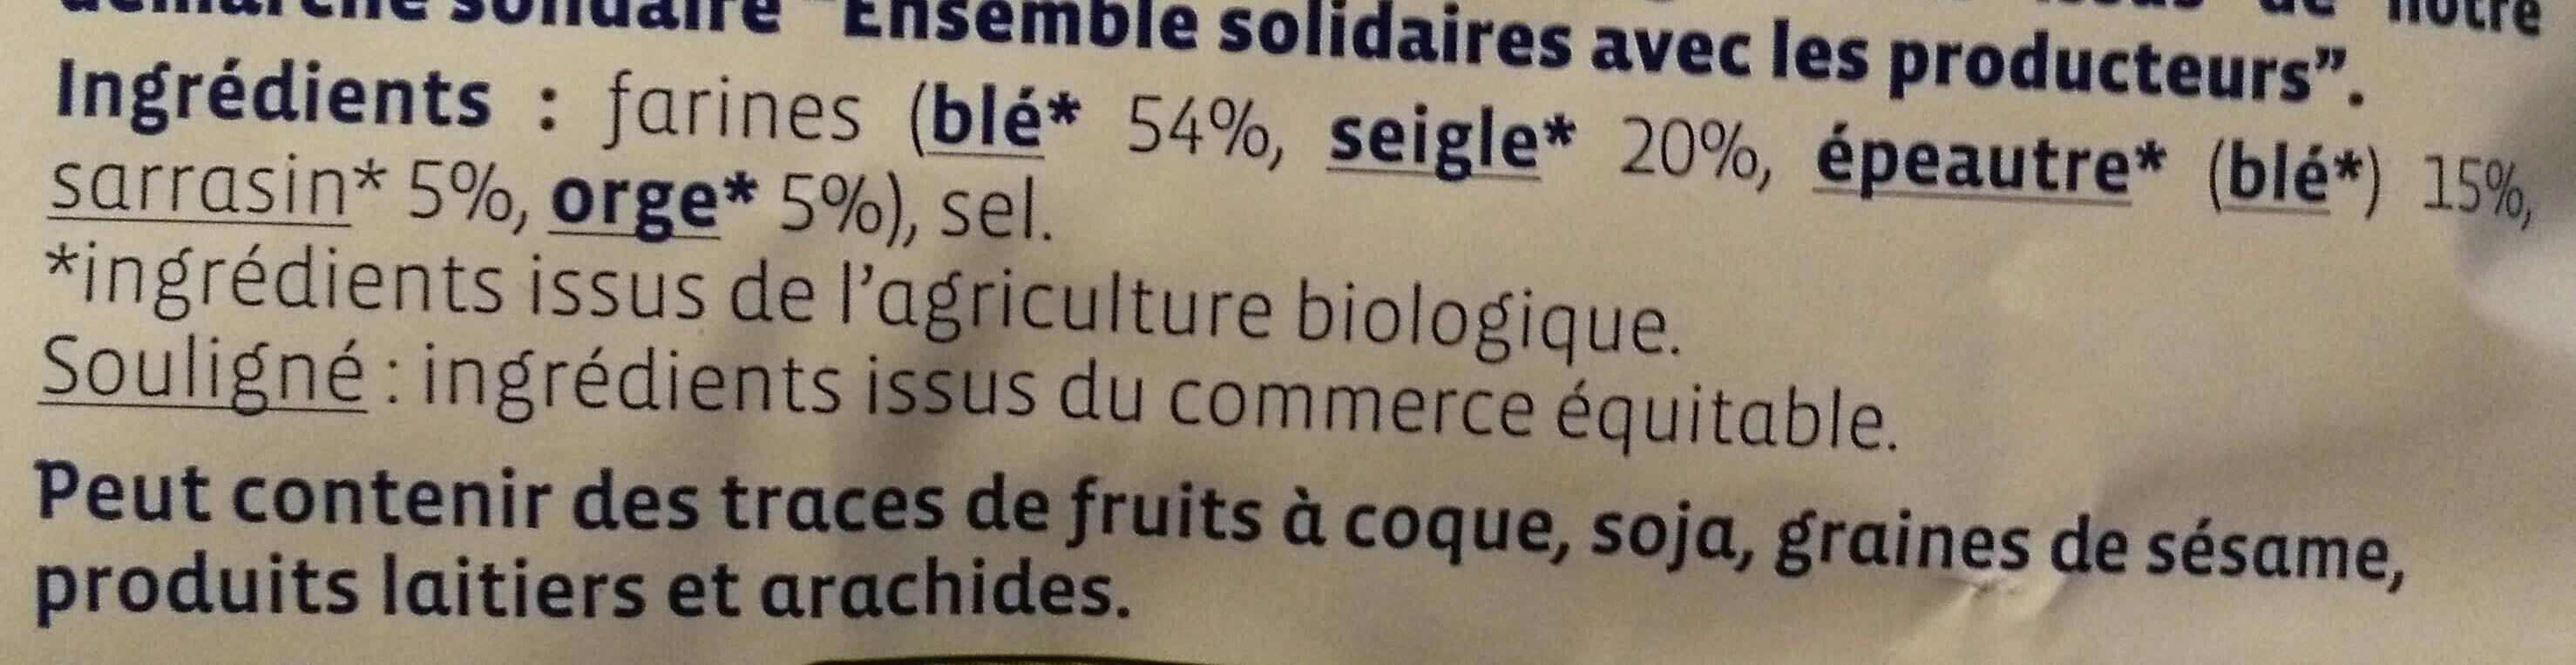 Pétales 5 céréales - Ingrédients - fr